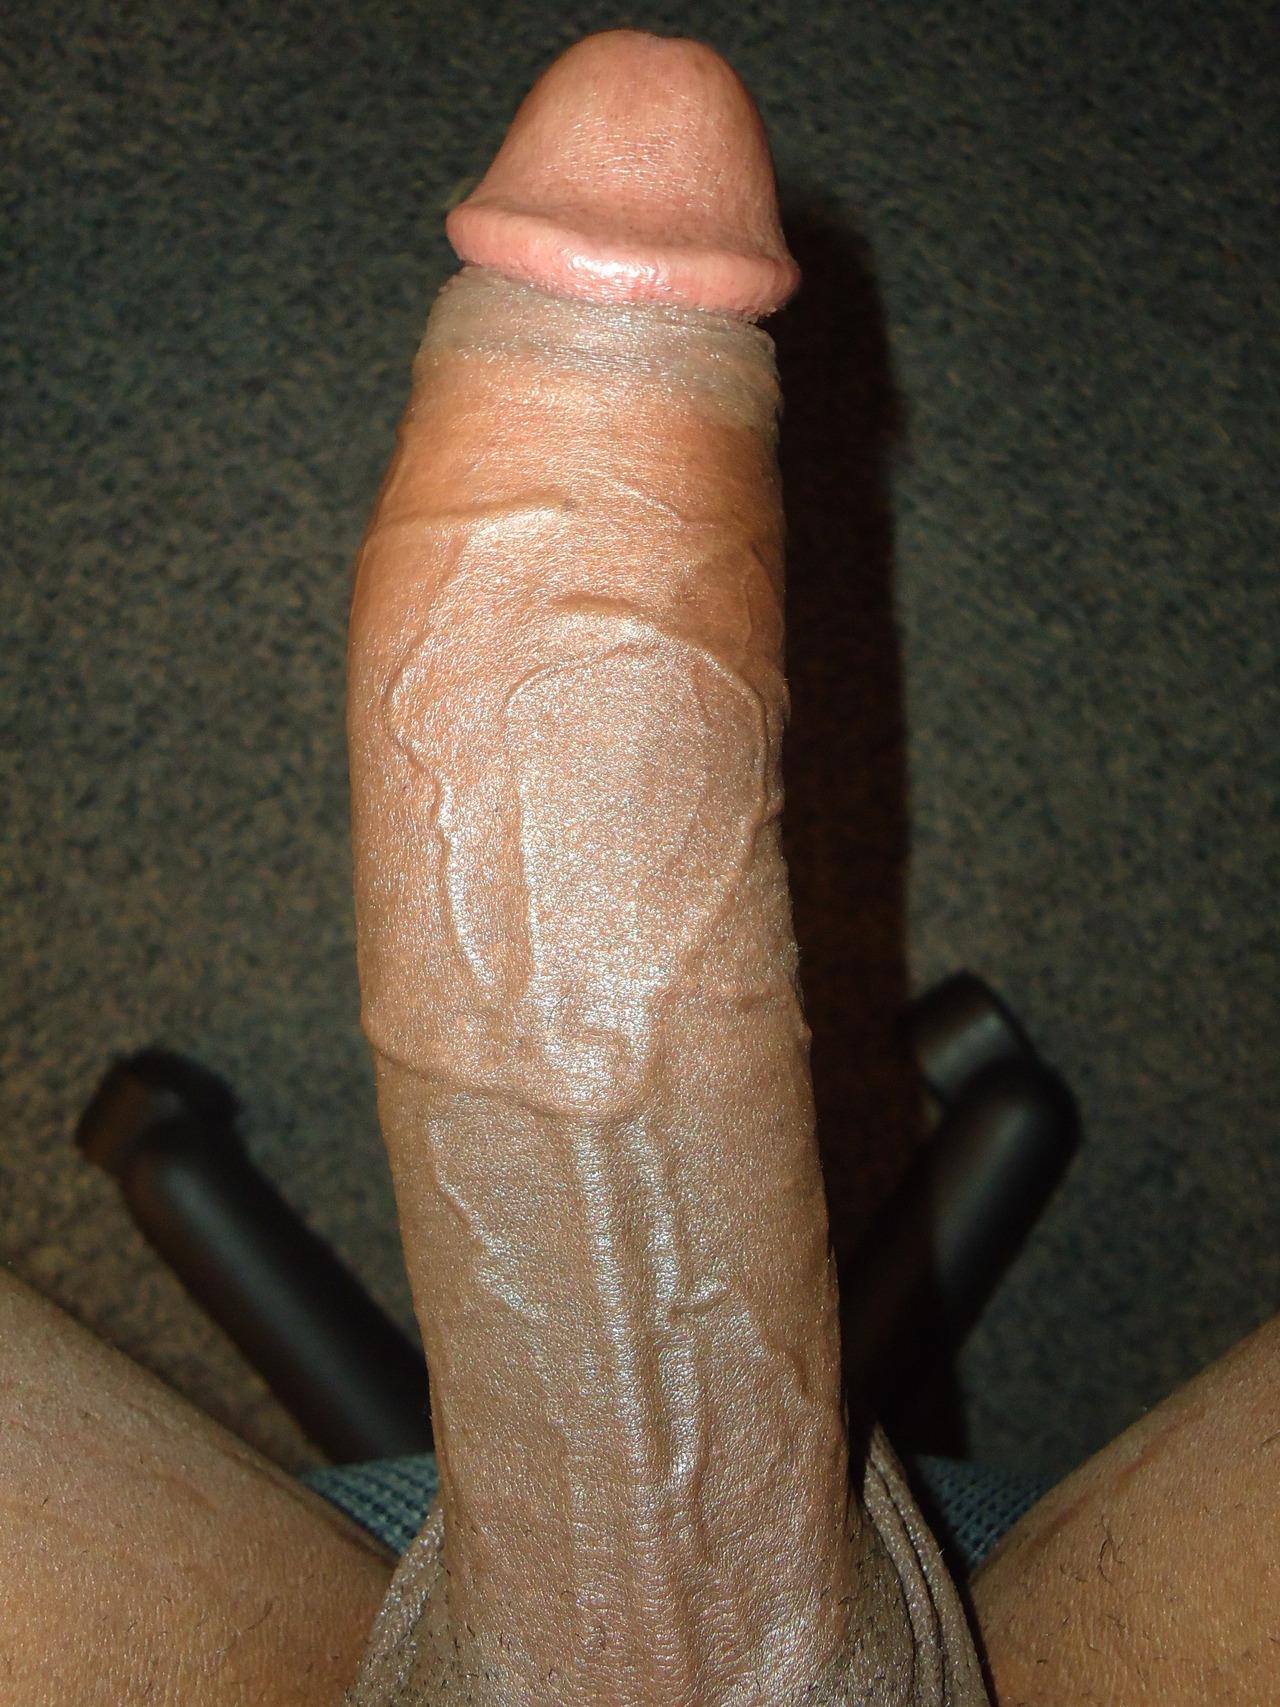 tumblr big black cock close up